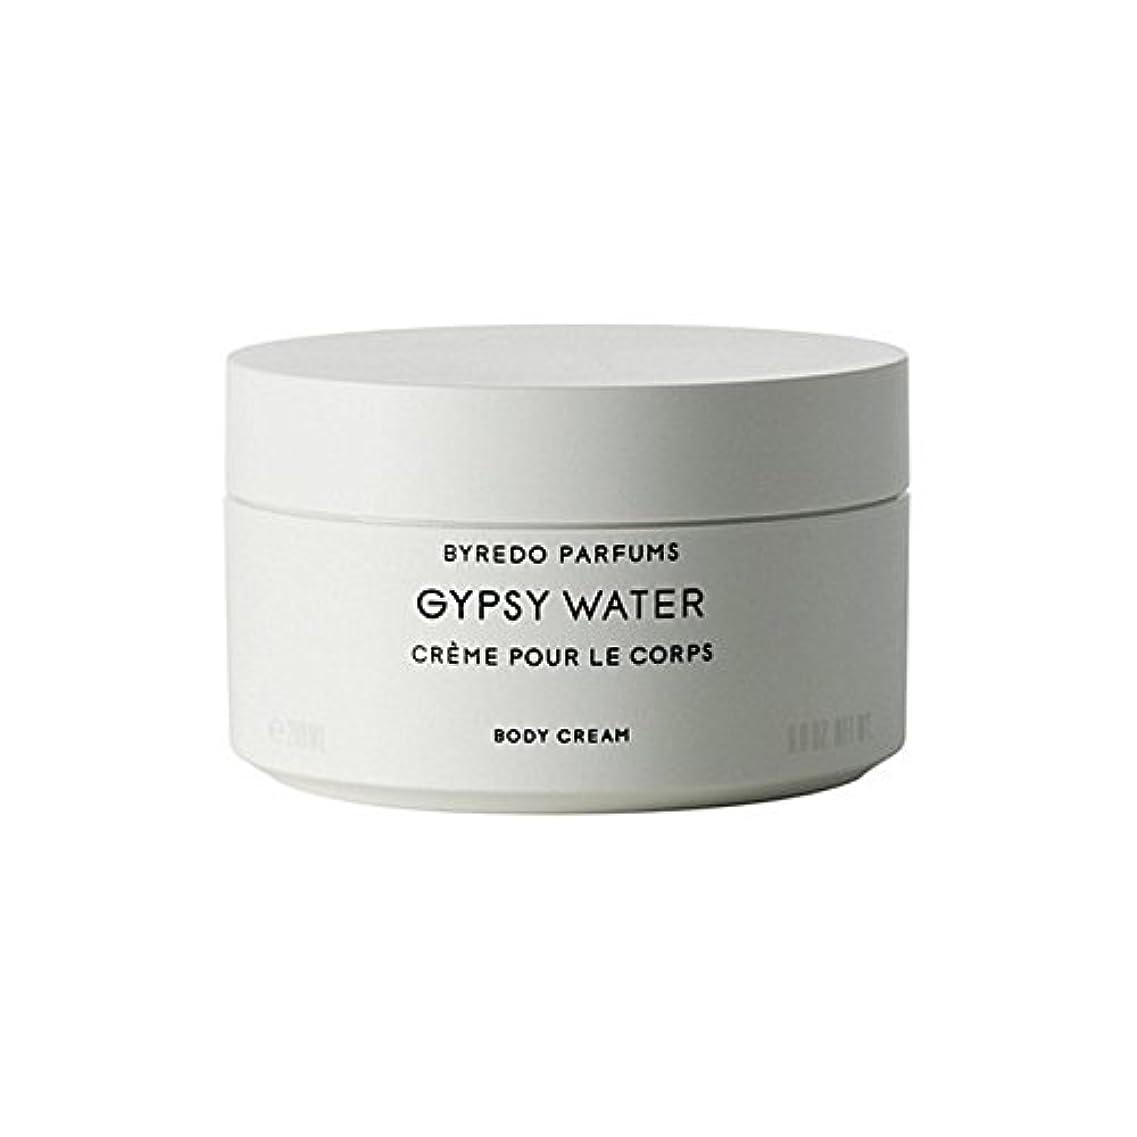 ありがたいぜいたく達成可能ジプシー水ボディクリーム200ミリリットル x4 - Byredo Gypsy Water Body Cream 200ml (Pack of 4) [並行輸入品]